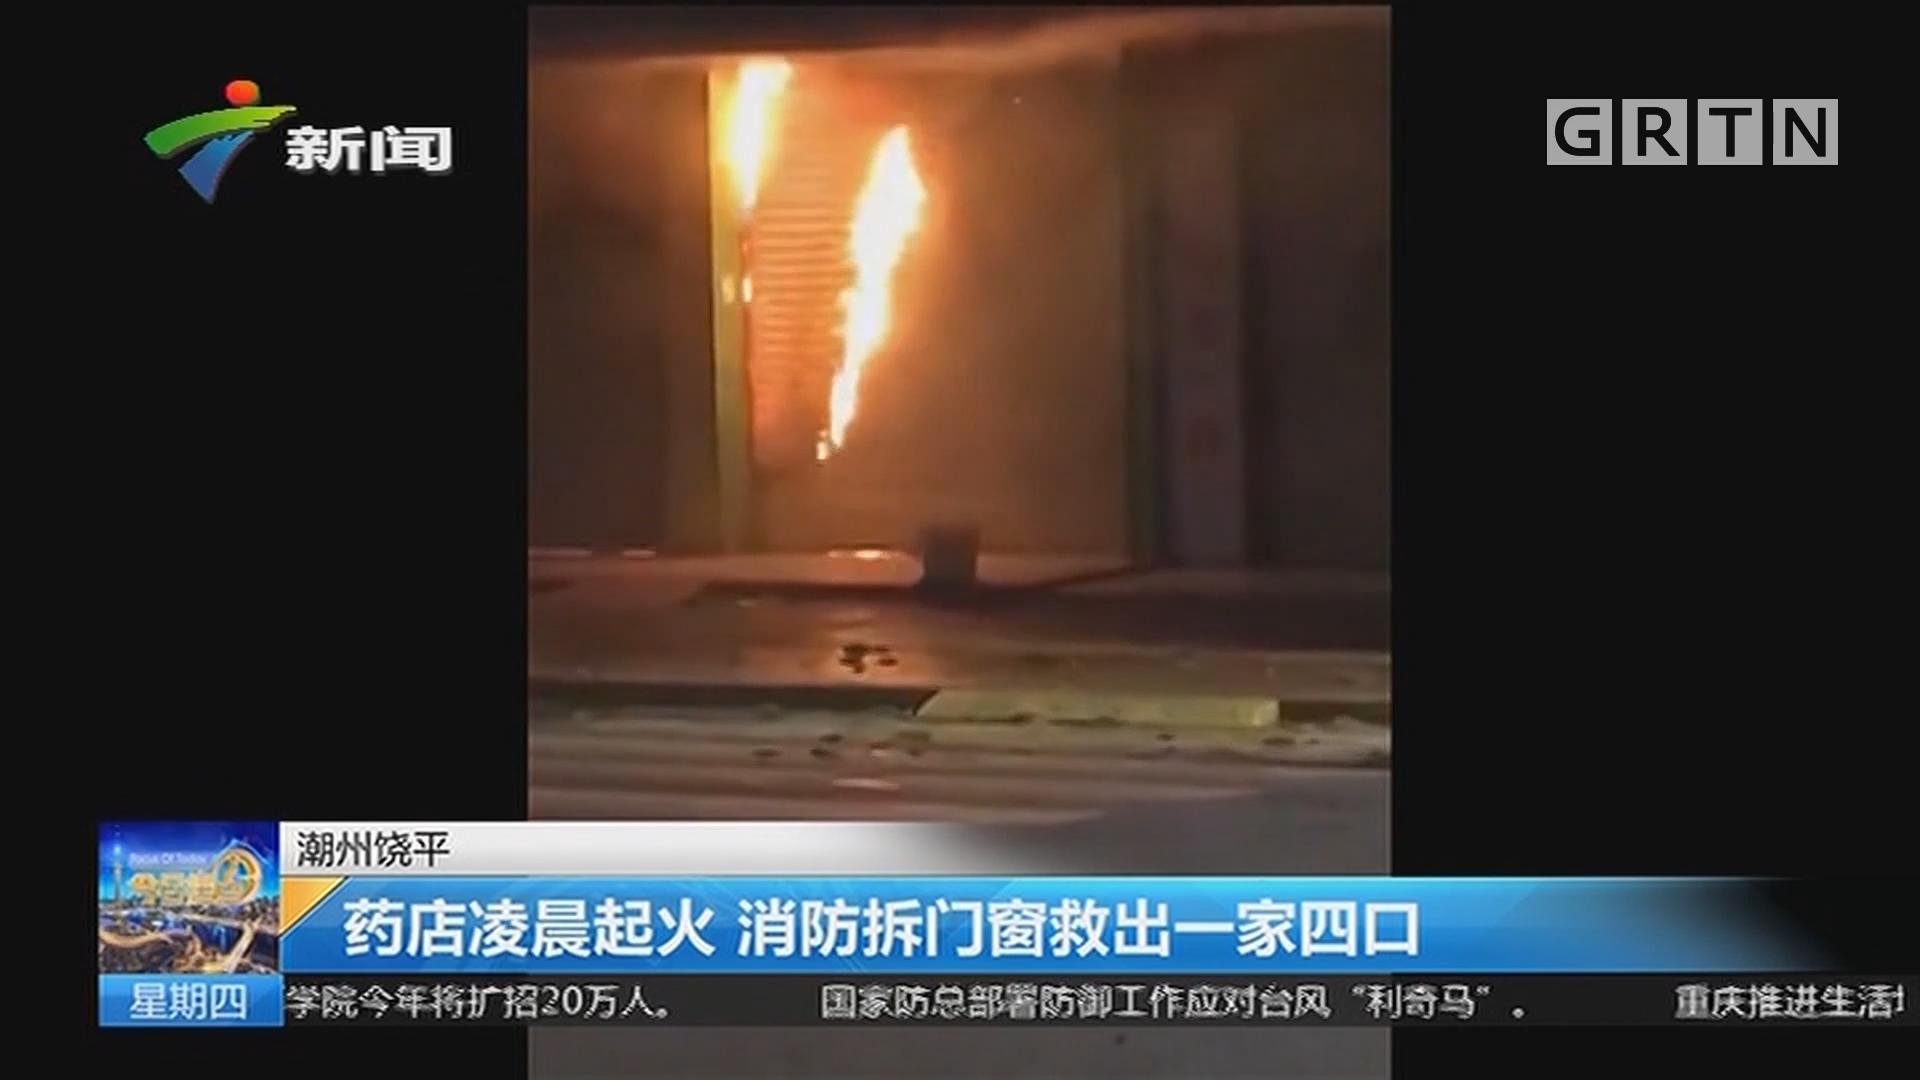 潮州饶平:药店凌晨起火 消防拆门窗救出一家四口